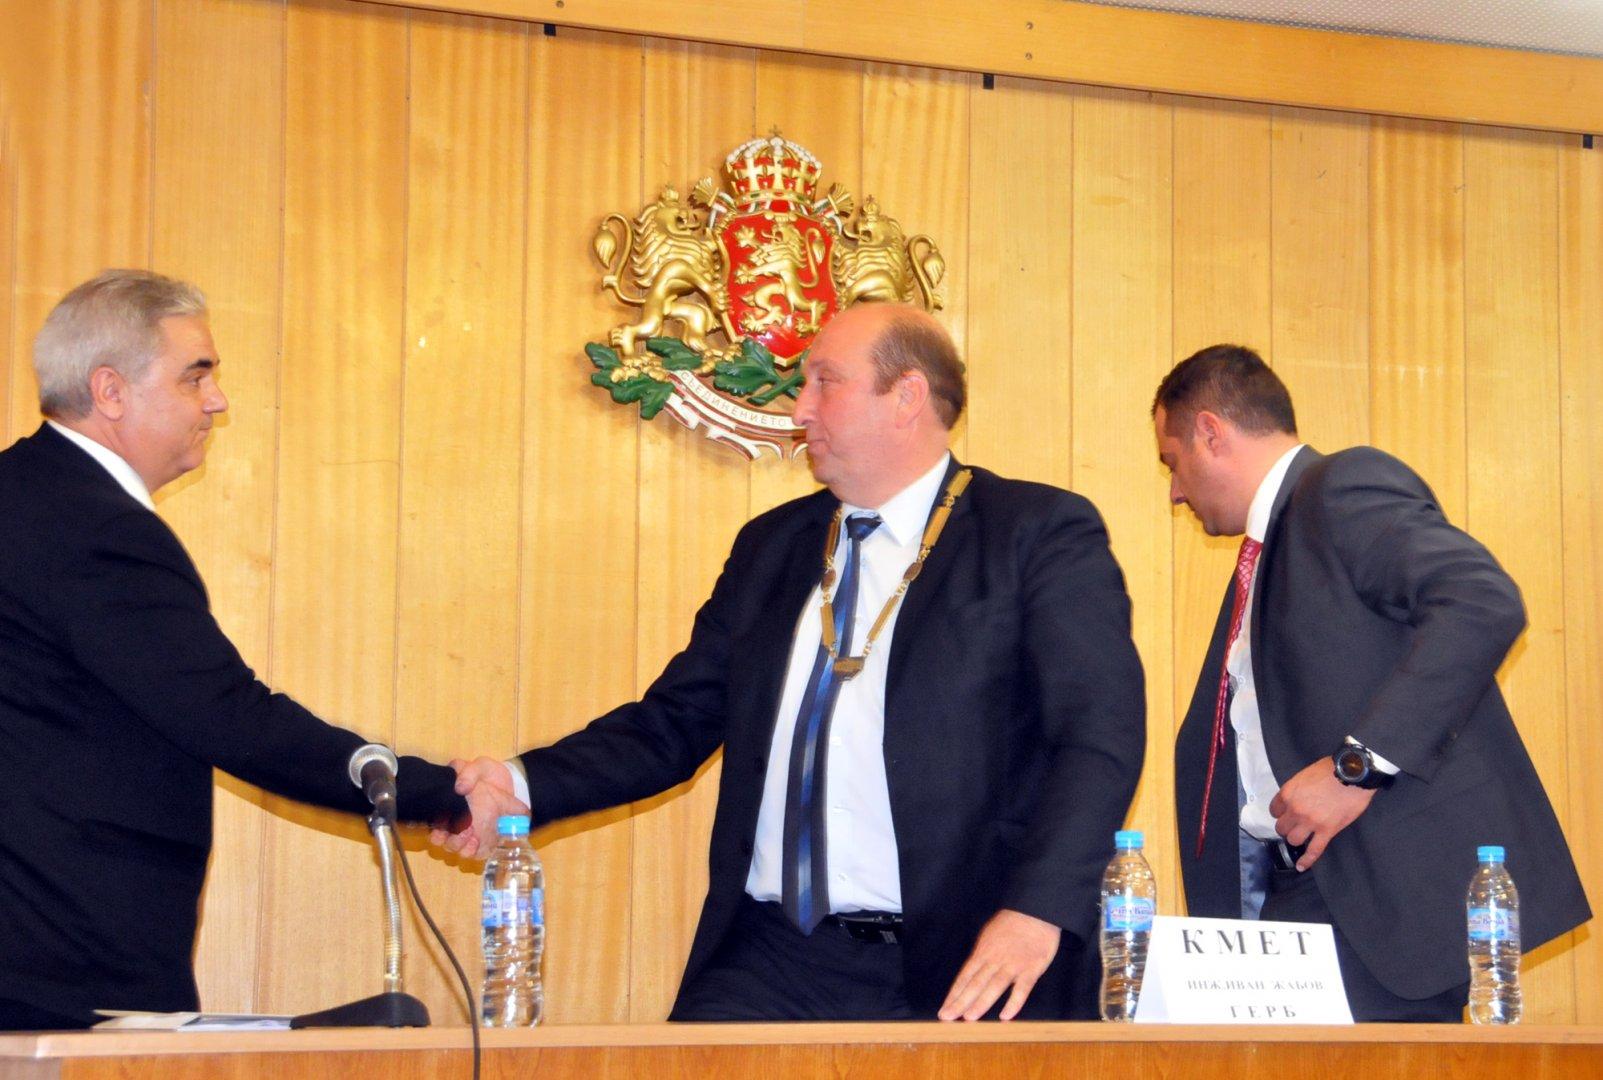 Динко Цъцъров (вляво) отново ще бъде председател на ОбС - Средец. Снимки Лина Главинова